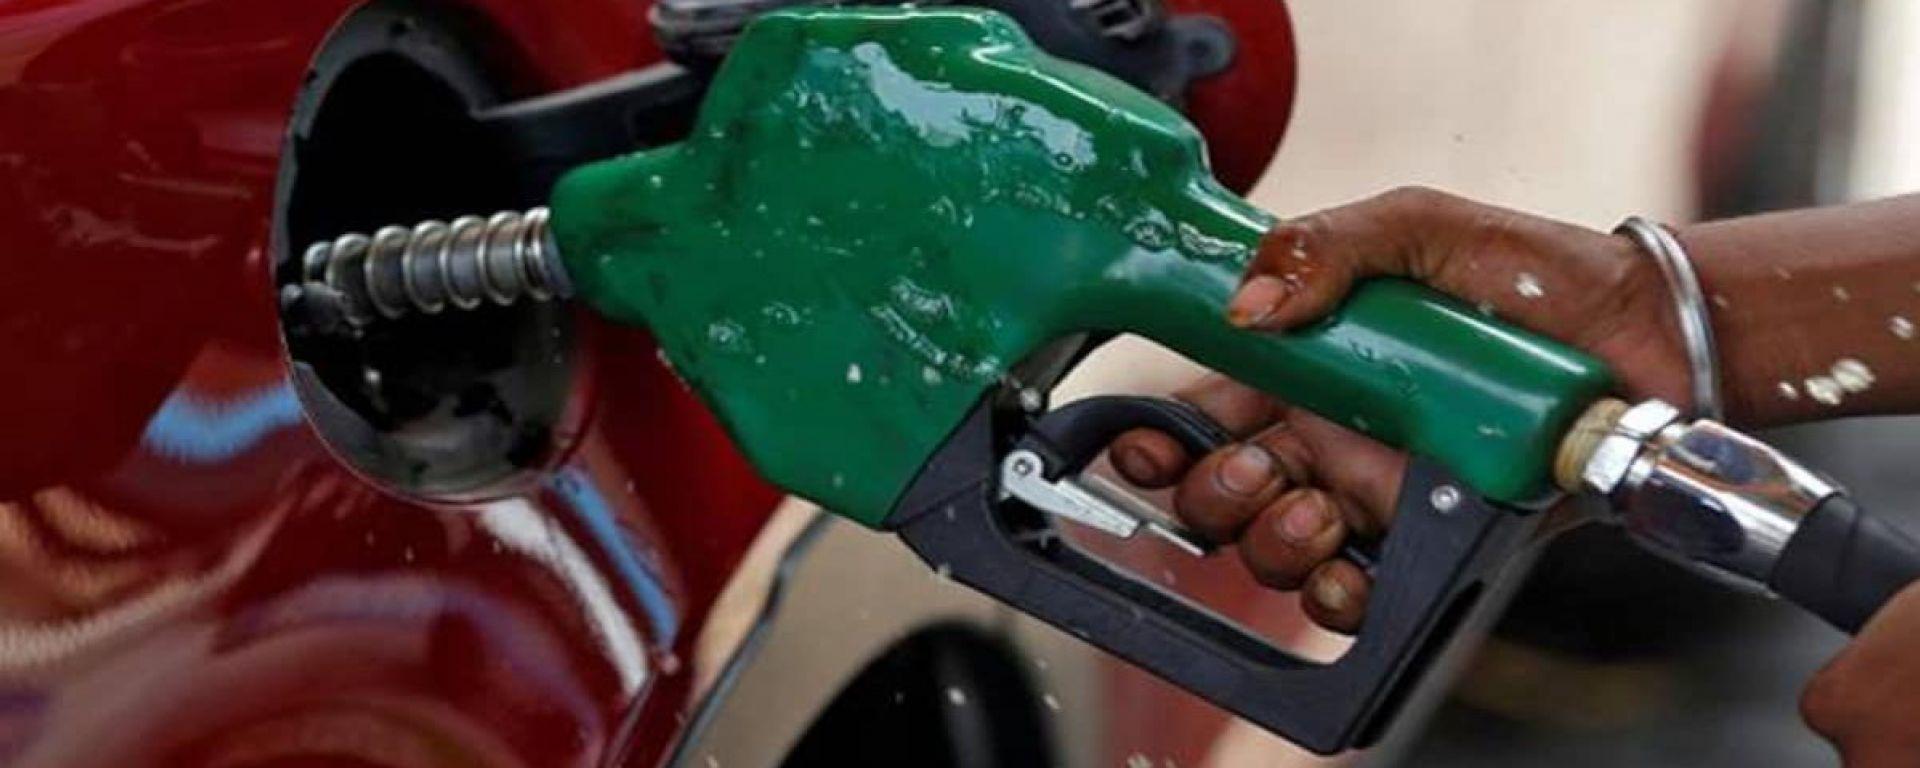 Prezzi benzina, quale andamento da qui al 2050?